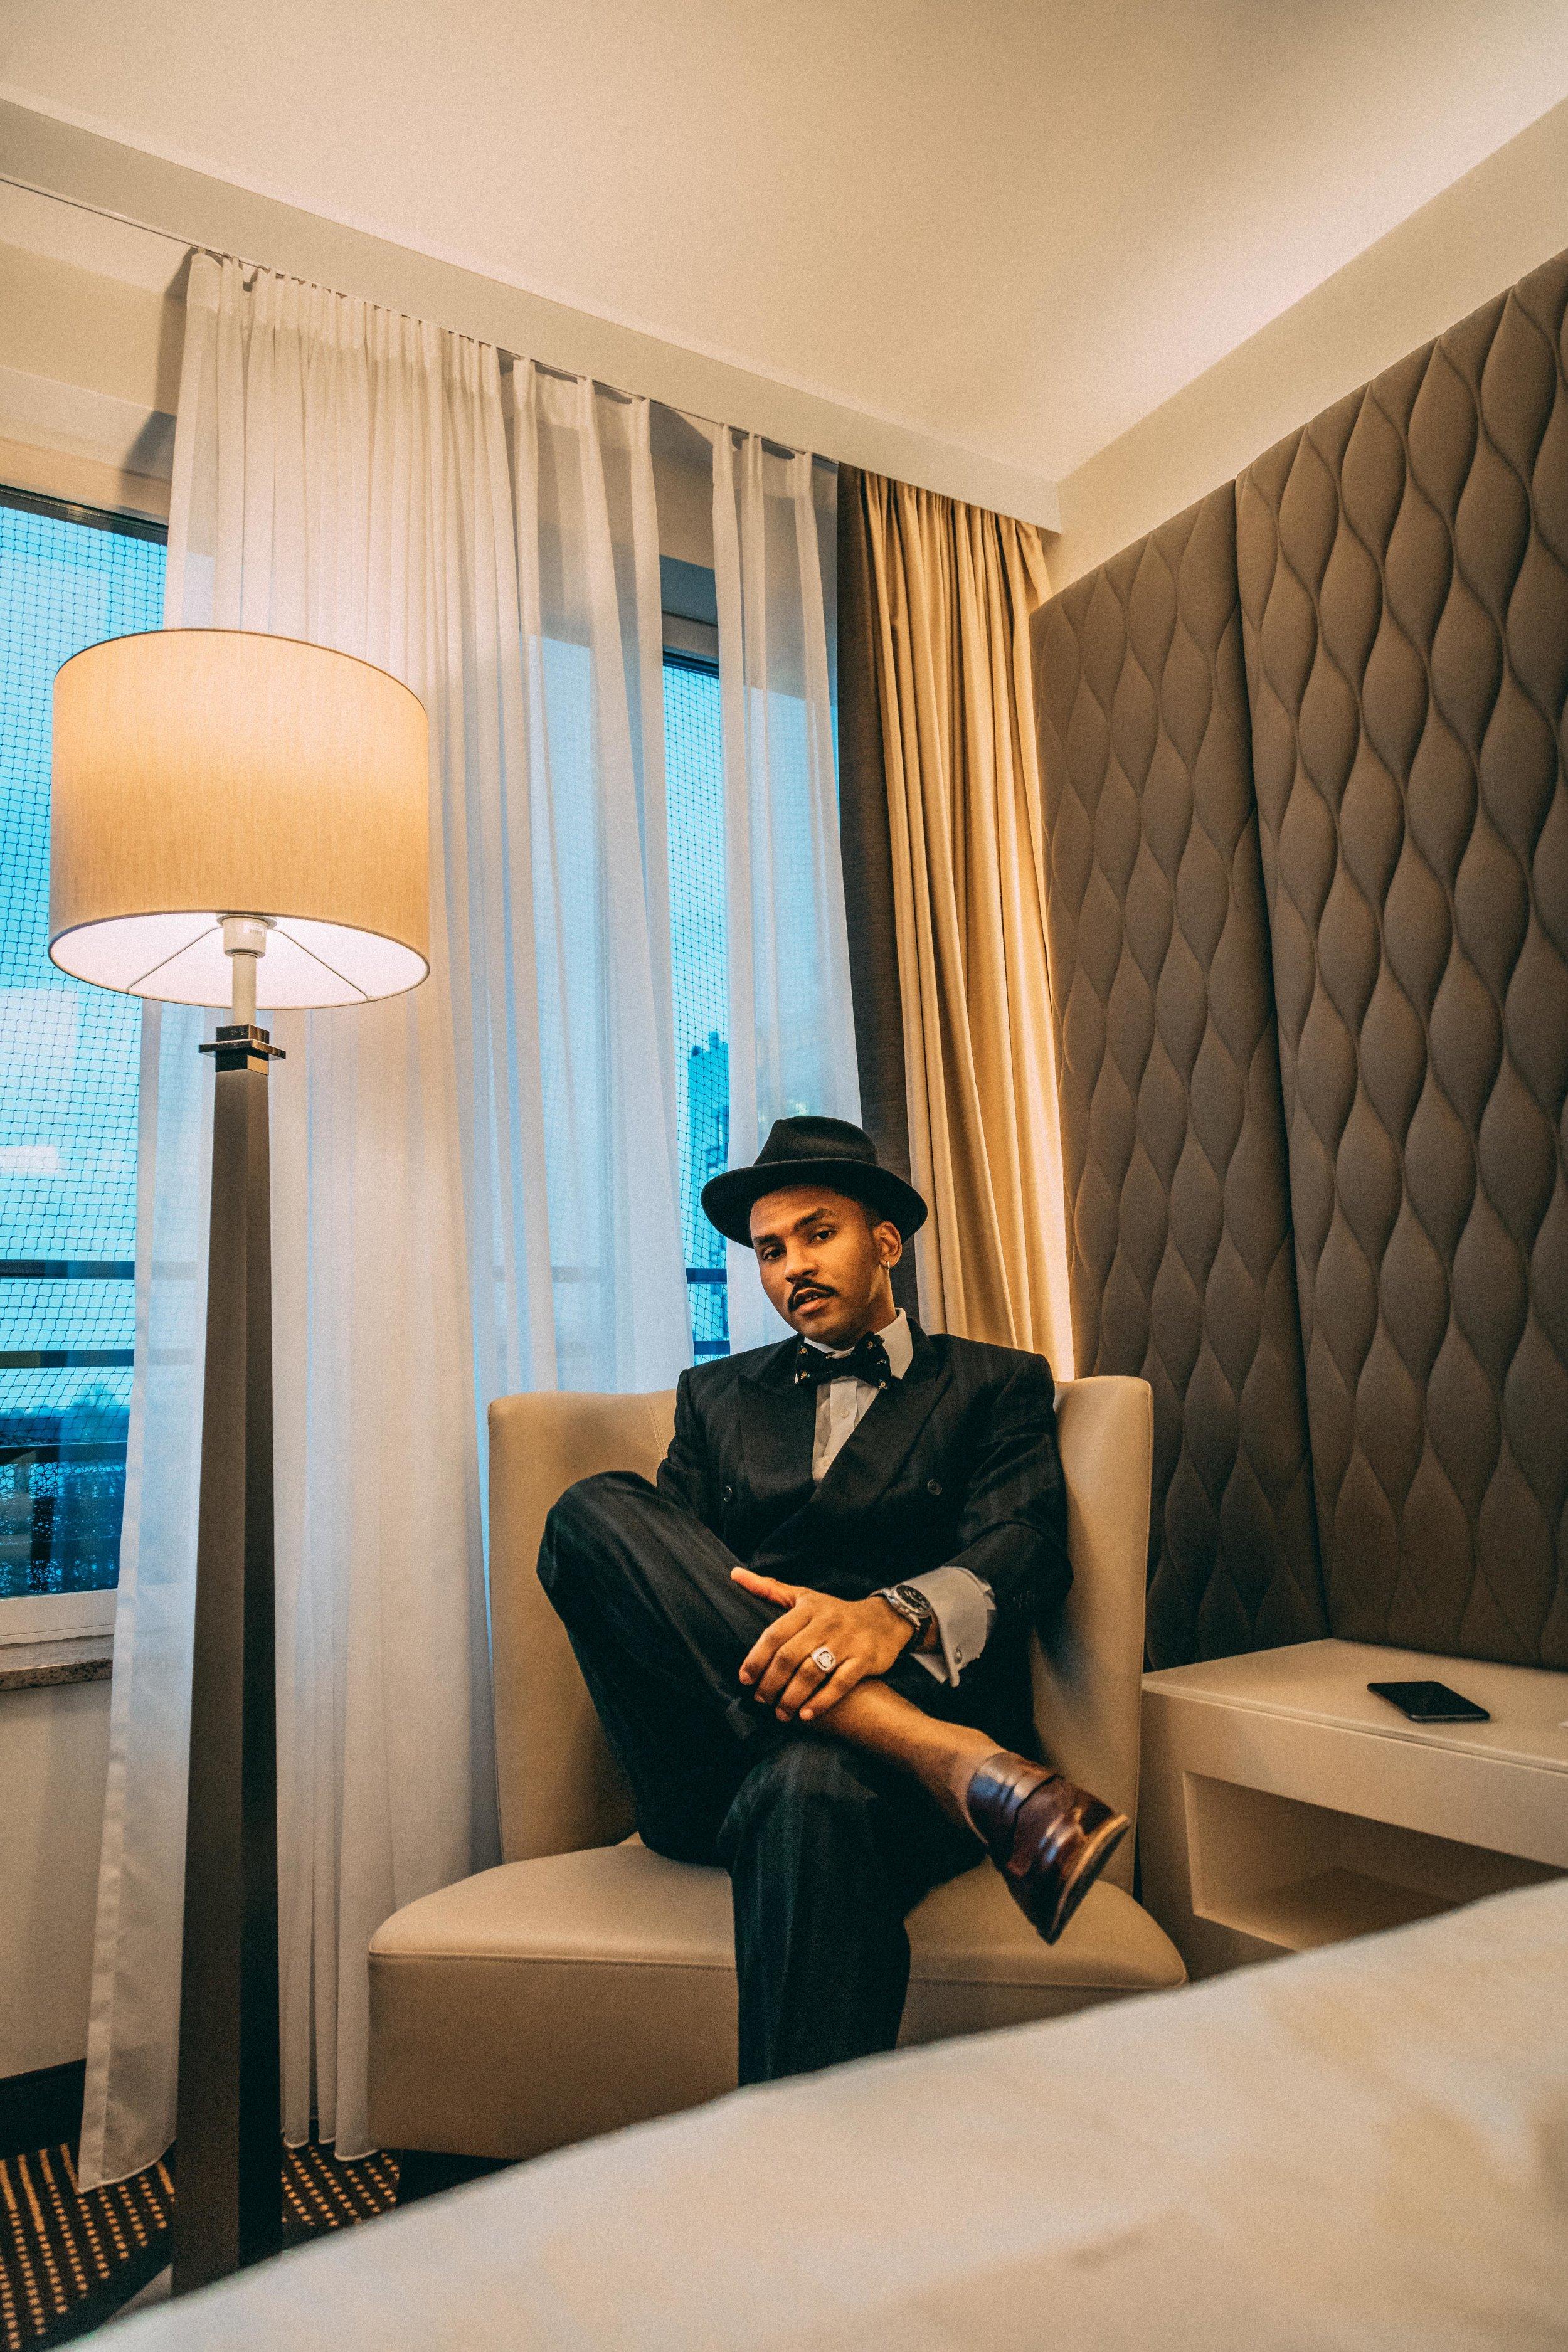 Pullman-hotel-berlin-suite-sug-sean-9.jpg